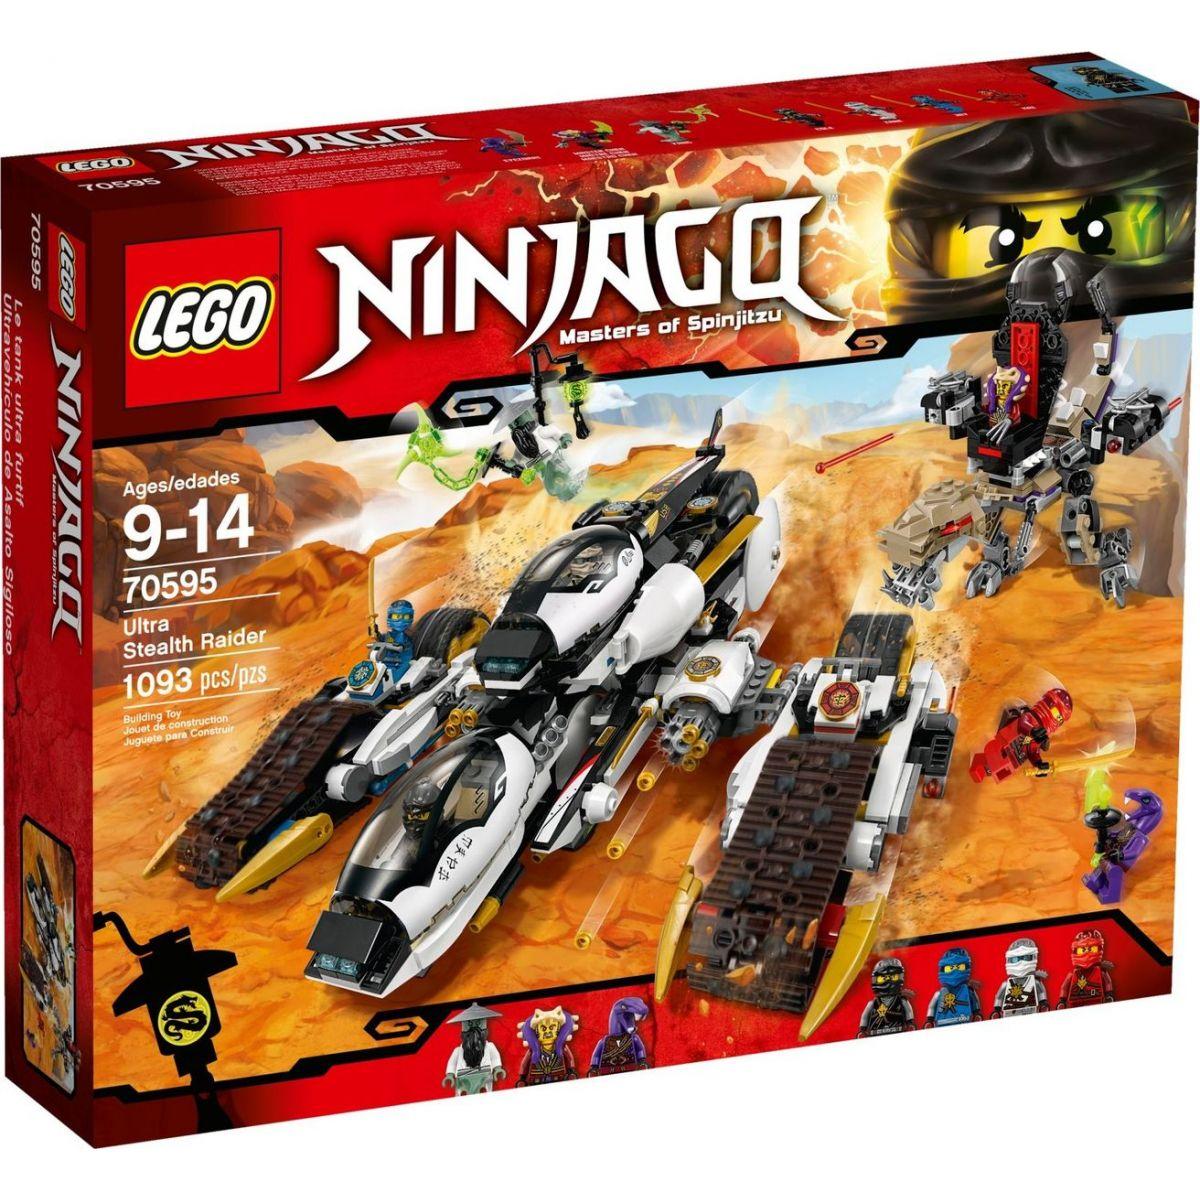 LEGO Ninjago 70595 Ultra tajné útočné vozidlo - Poškozený obal